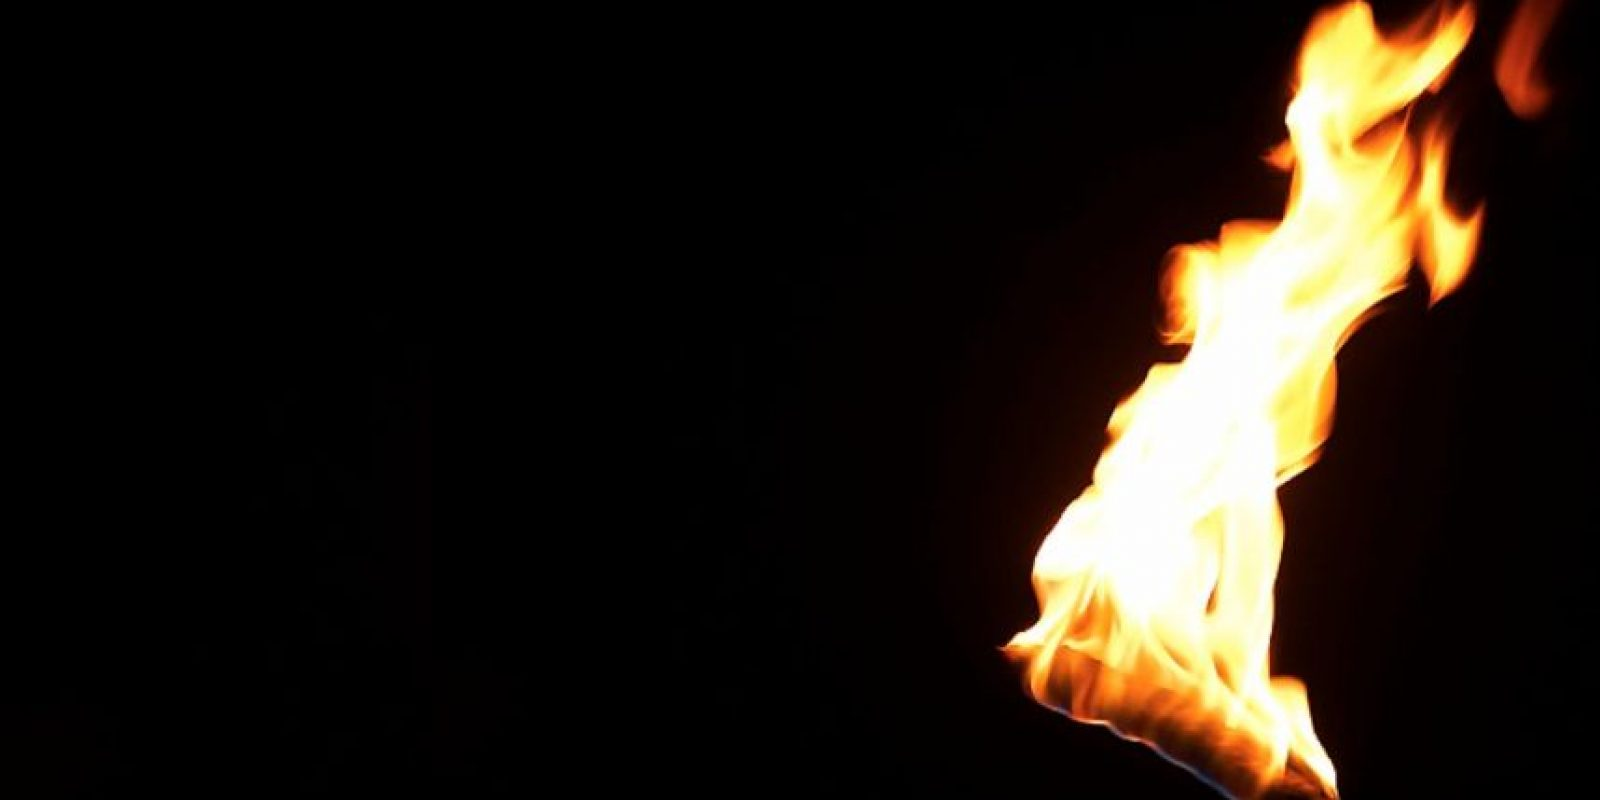 Posteriormente el joven permitió que le incendiaran incluso sus genitales y vello púbico. Foto:Pinterest